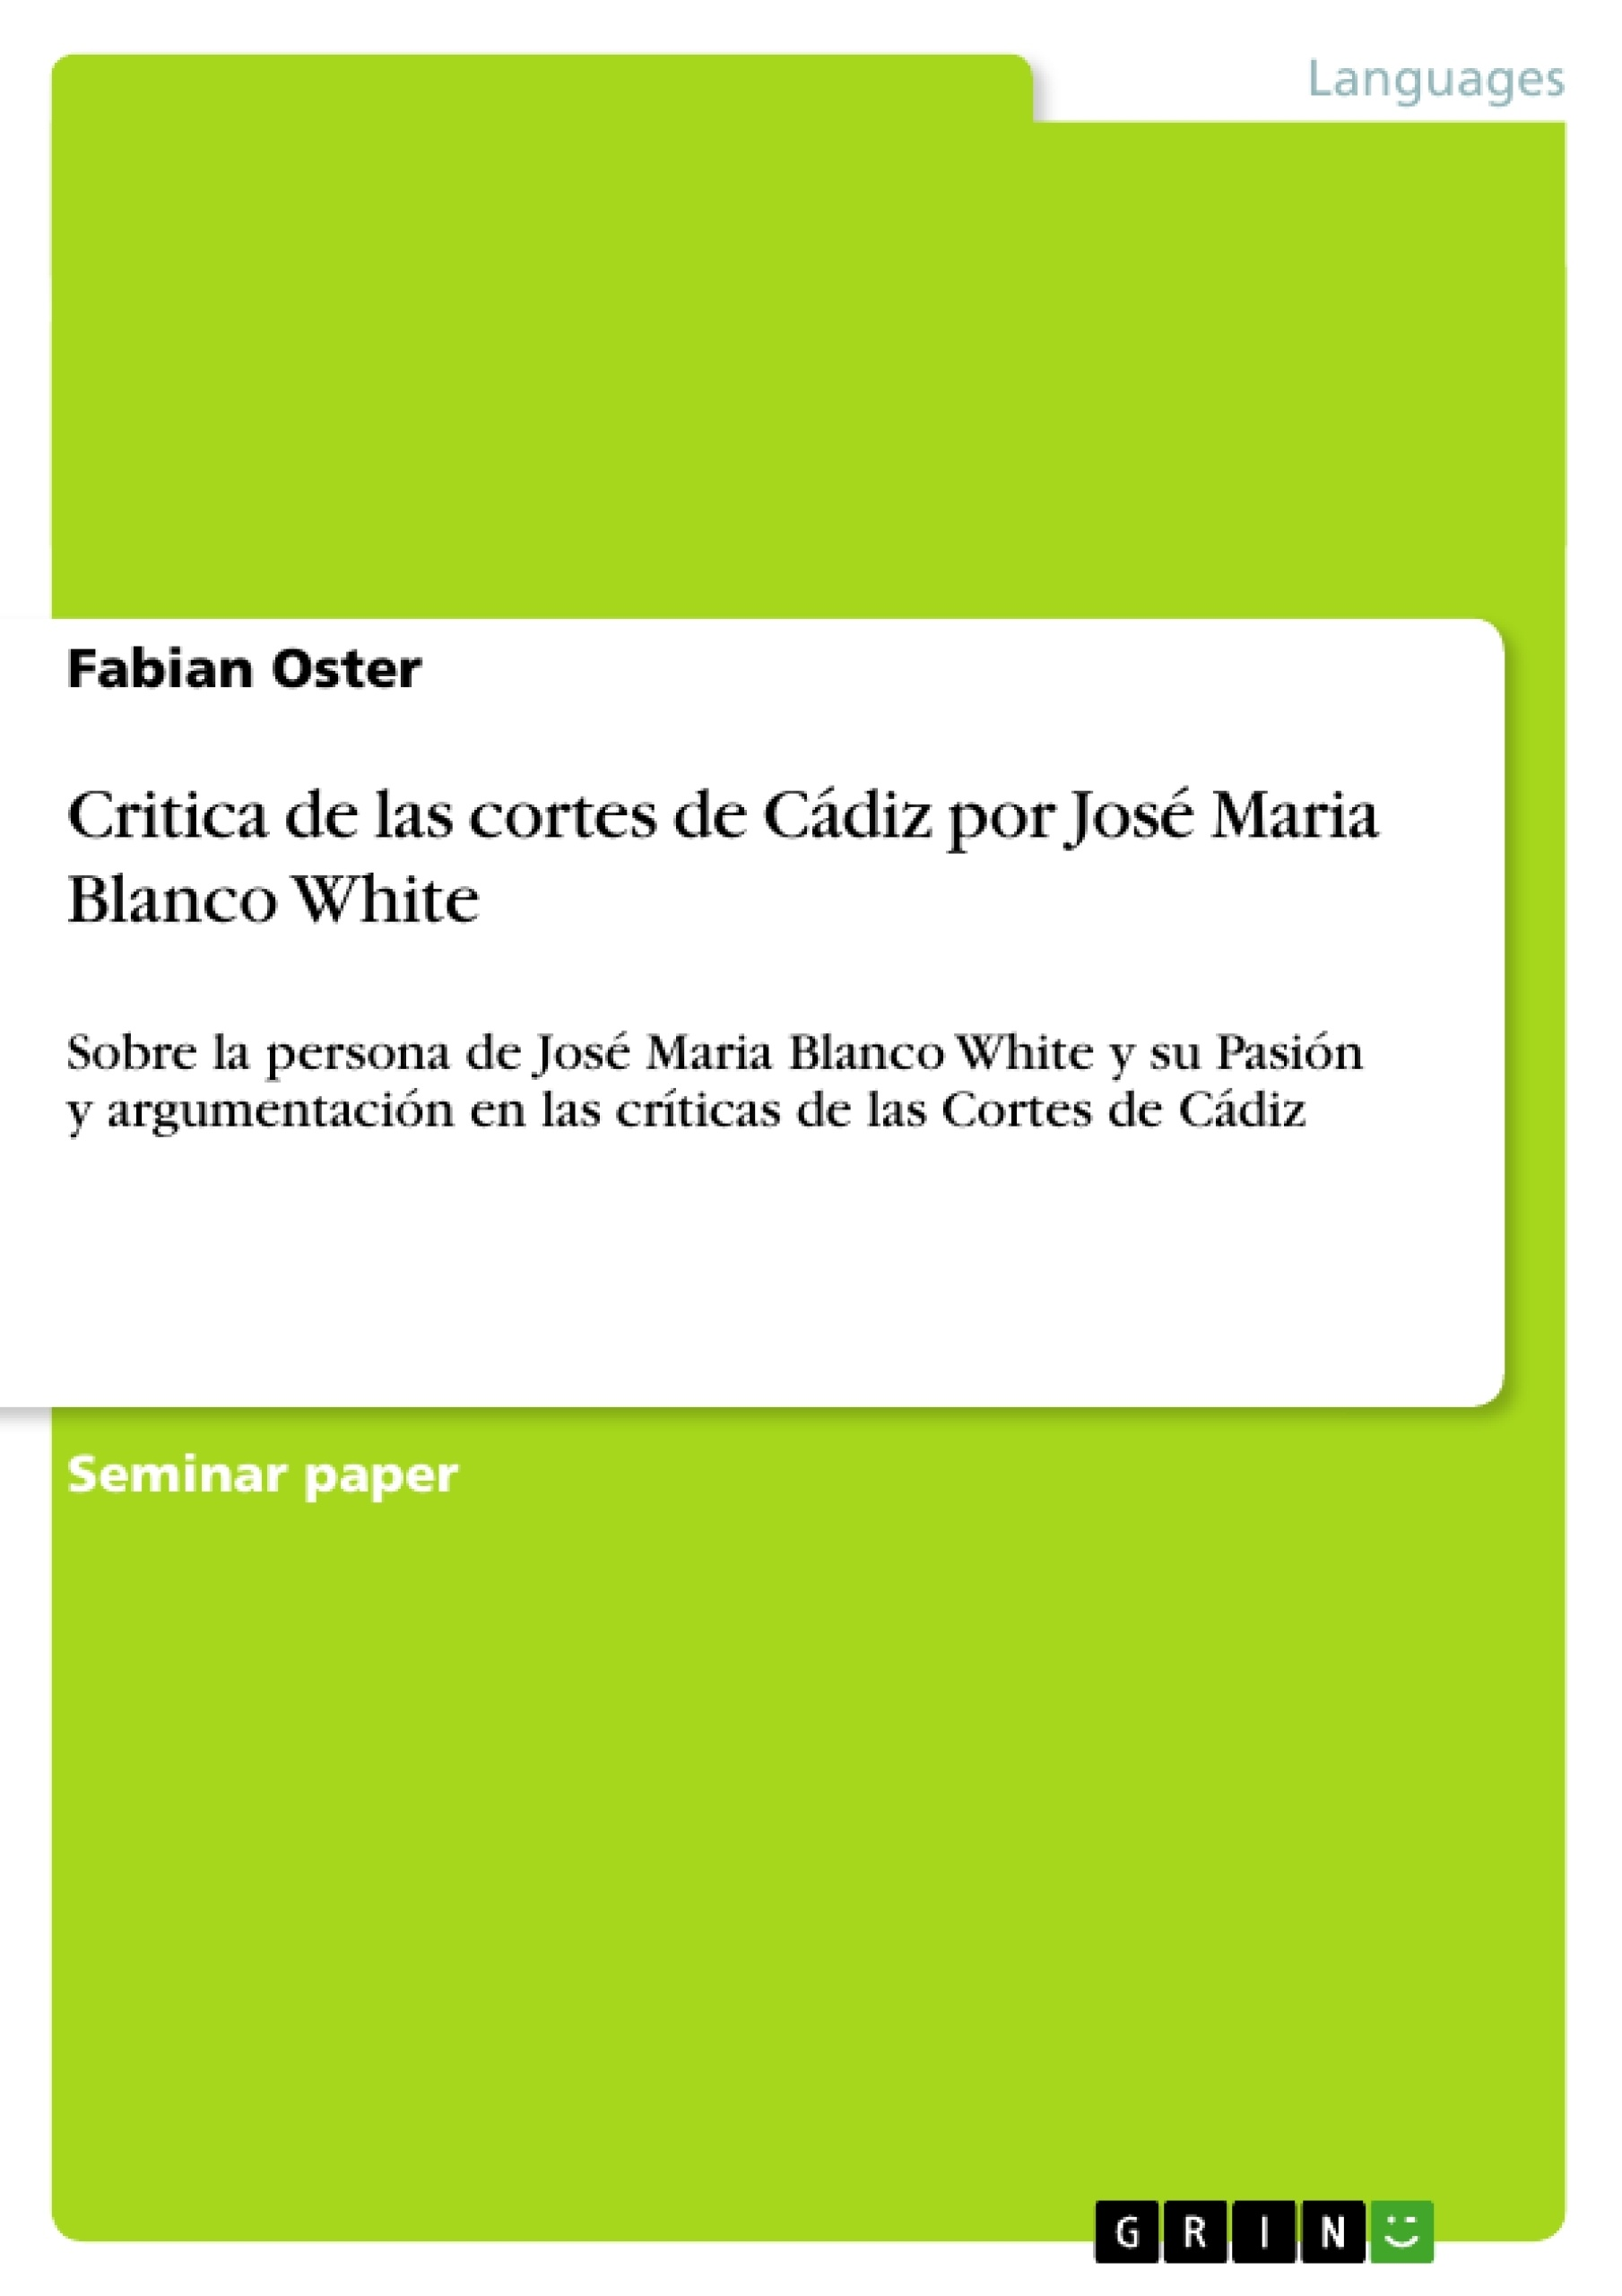 Título: Critica de las cortes de Cádiz por José Maria Blanco White